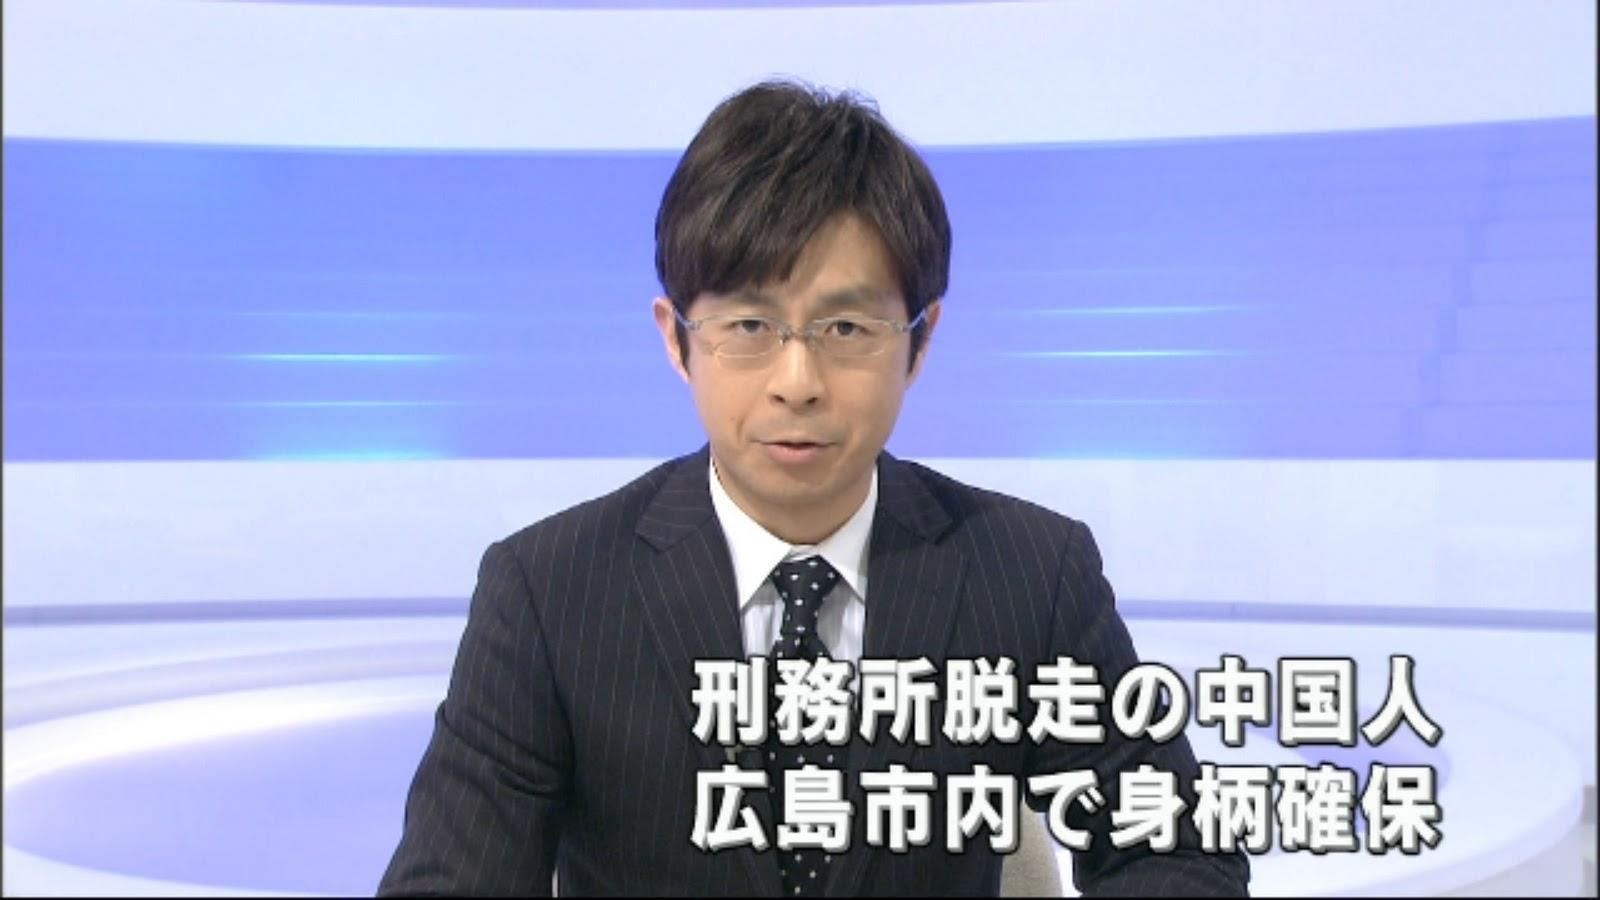 横尾泰輔の画像 p1_35